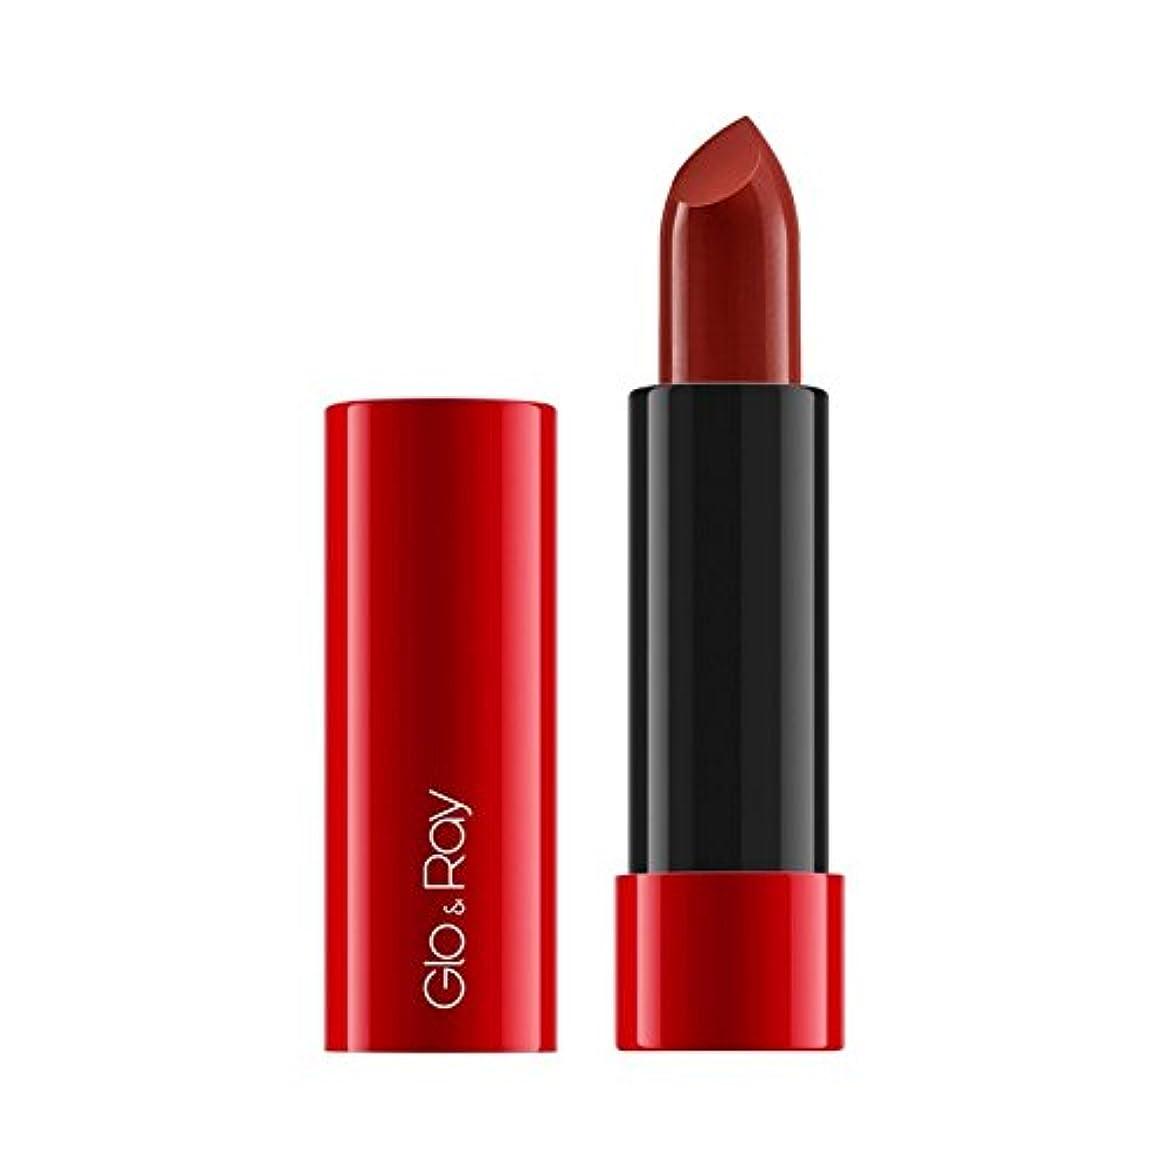 なるクリーナー委任する&謎の光線ラクリーミーマットリップカラー640 x2 - Glo & Ray La Amo Creamy Matte Lip Colour Mysterious 640 (Pack of 2) [並行輸入品]